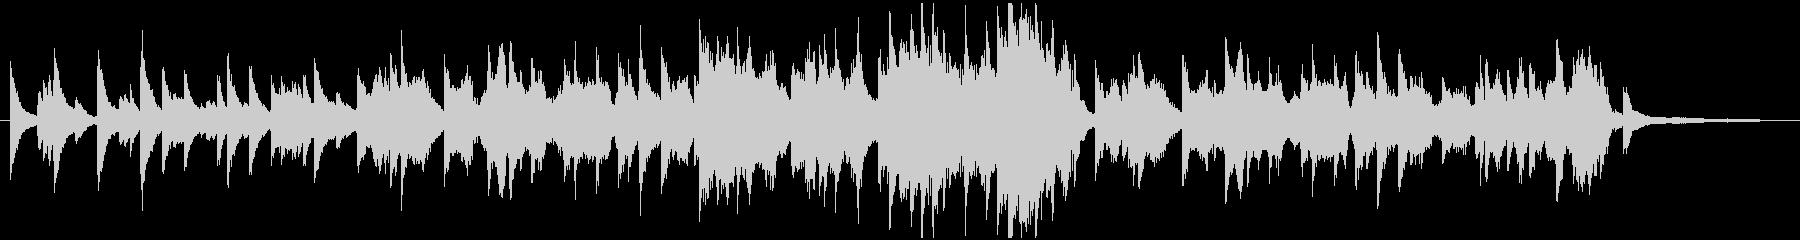 弦とピアノの優しいバラードの未再生の波形